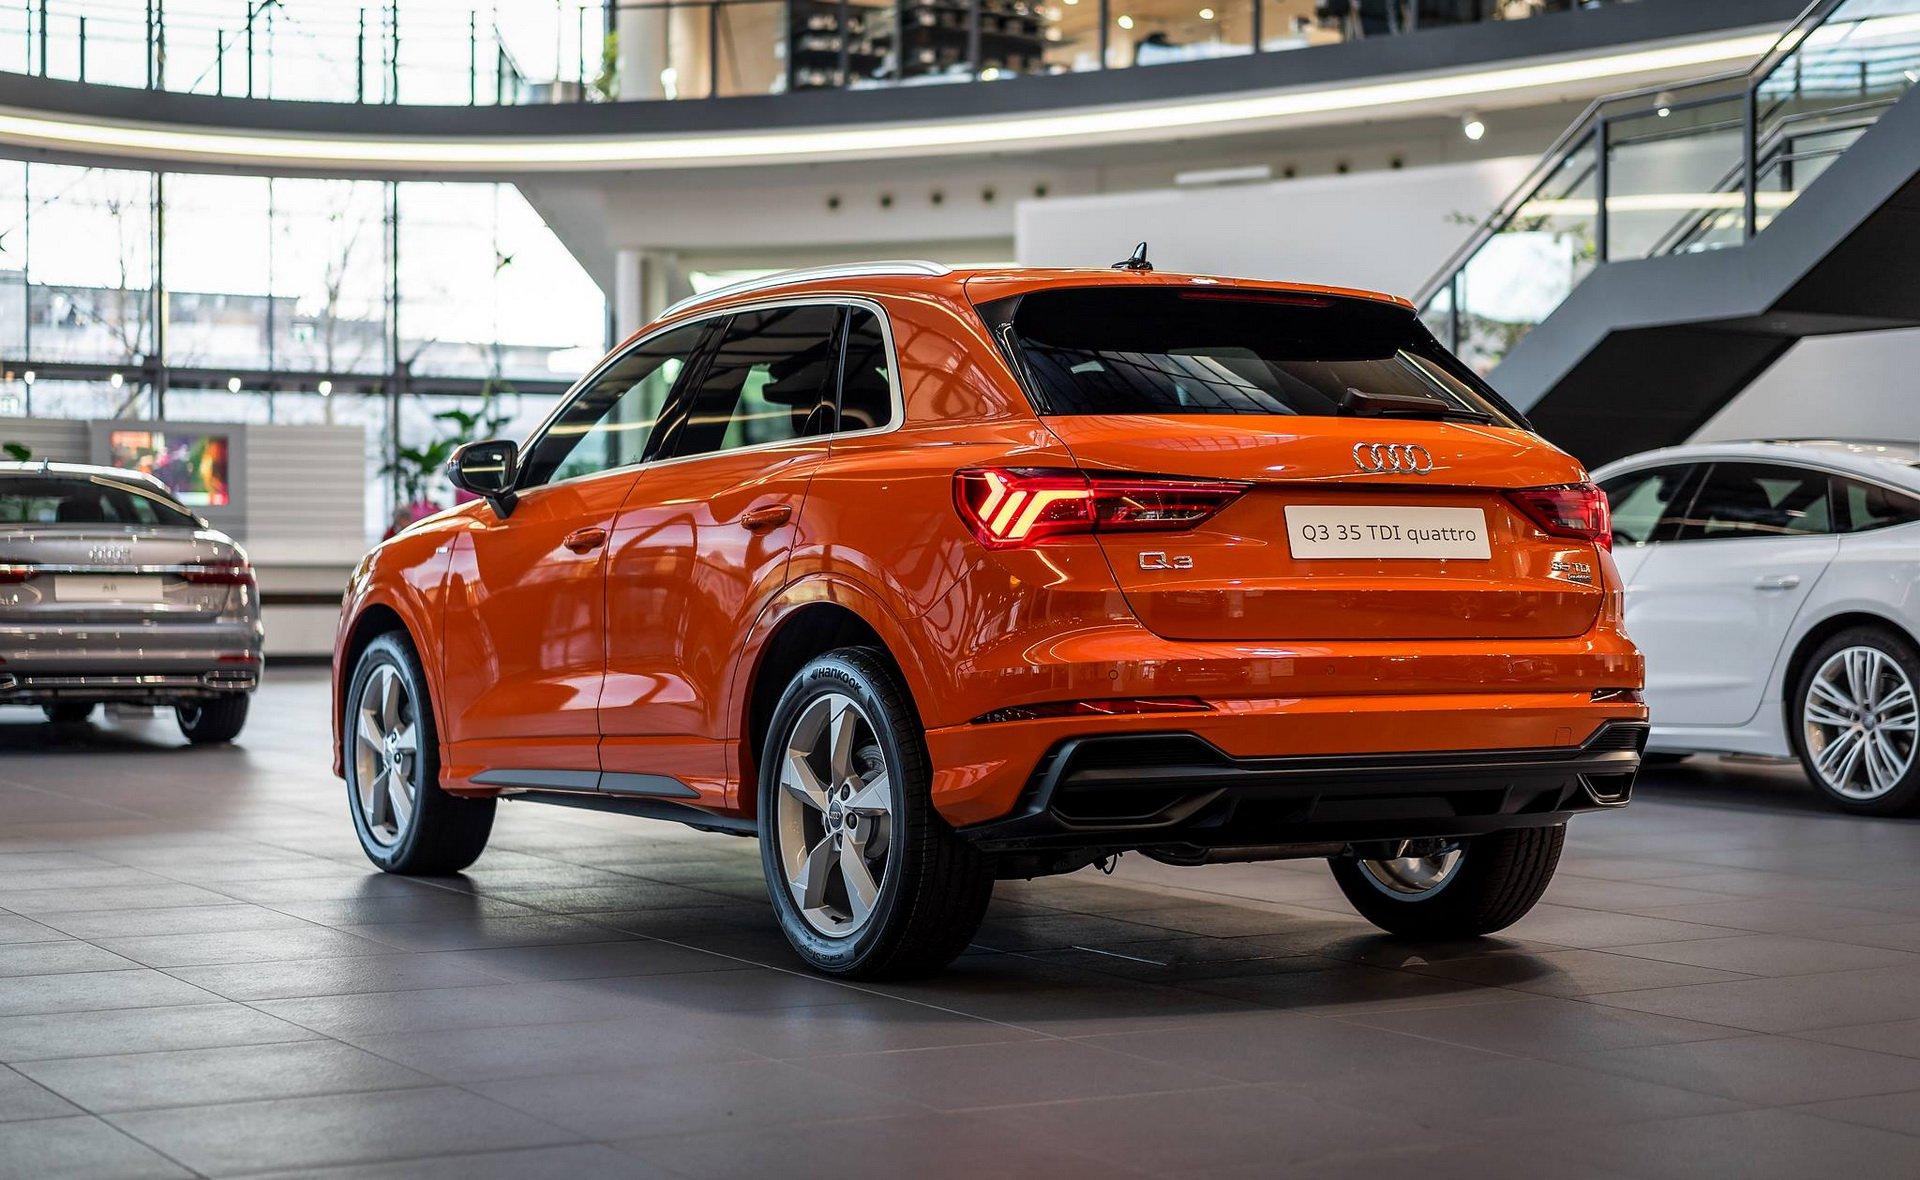 Ít ai ngờ chiếc Audi này được bọc da chỉ có trên siêu xe - Hình 2